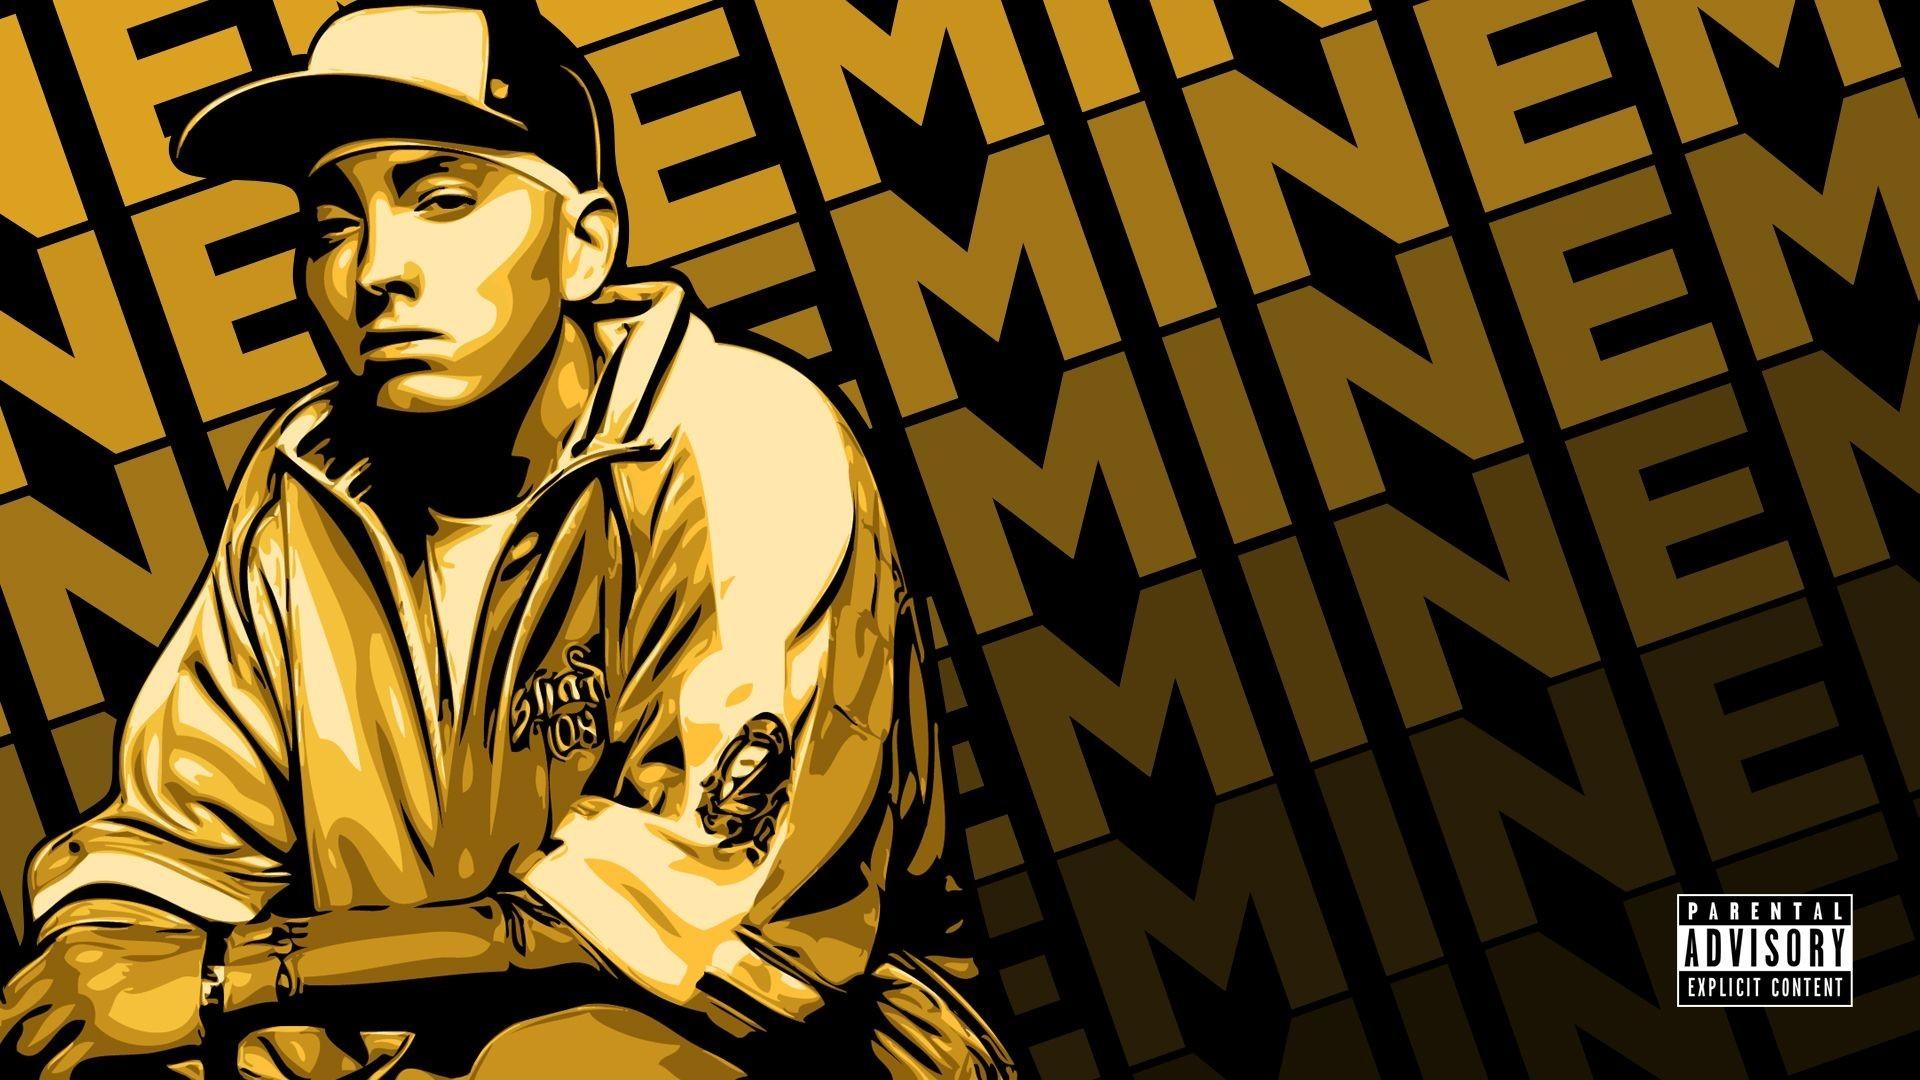 Eminem wallpaper screensavers wallpapersafari.